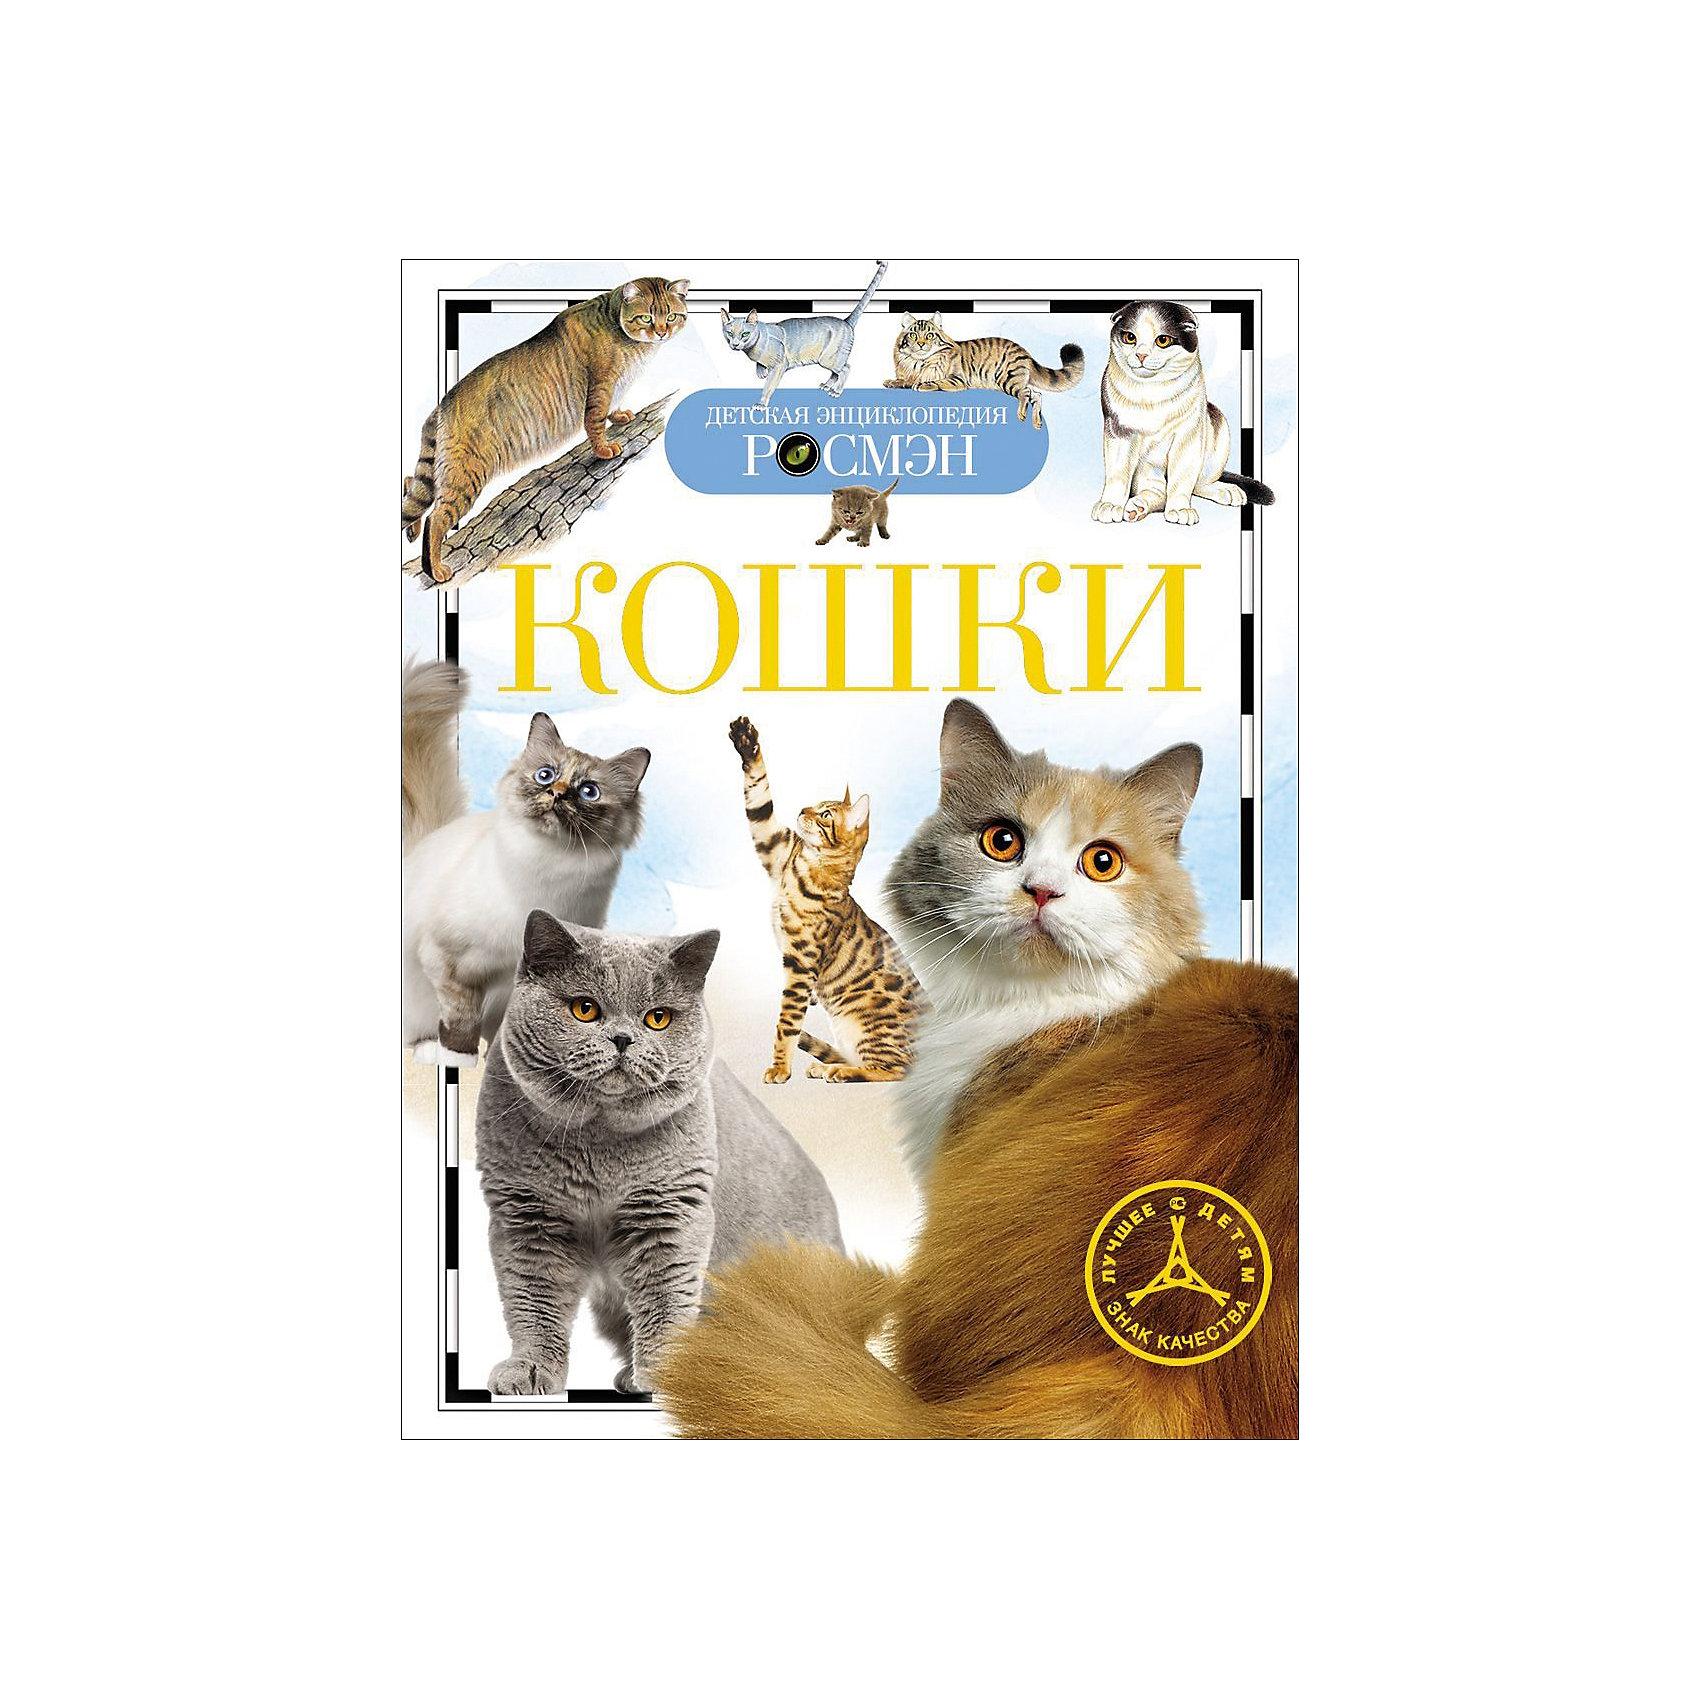 КошкиЭнциклопедии о животных<br>Характеристики товара:<br><br>- цвет: разноцветный;<br>- материал: бумага;<br>- страниц: 96;<br>- формат: 17 x 21 см;<br>- обложка: твердая;<br>- цветные иллюстрации.<br><br>Эта интересная книга с иллюстрациями станет отличным подарком для ребенка. Она содержит в себе ответы на вопросы, которые интересуют малышей. Всё представлено в очень простой форме! Талантливый иллюстратор дополнил книгу качественными рисунками, которые помогают ребенку понять суть многих вещей в нашем мире. Удивительные и интересные факты помогут привить любовь к учебе!<br>Чтение - отличный способ активизации мышления, оно помогает ребенку развивать зрительную память, концентрацию внимания и воображение. Издание произведено из качественных материалов, которые безопасны даже для самых маленьких.<br><br>Книгу Кошки от компании Росмэн можно купить в нашем интернет-магазине.<br><br>Ширина мм: 220<br>Глубина мм: 165<br>Высота мм: 7<br>Вес г: 230<br>Возраст от месяцев: 84<br>Возраст до месяцев: 108<br>Пол: Унисекс<br>Возраст: Детский<br>SKU: 5109977